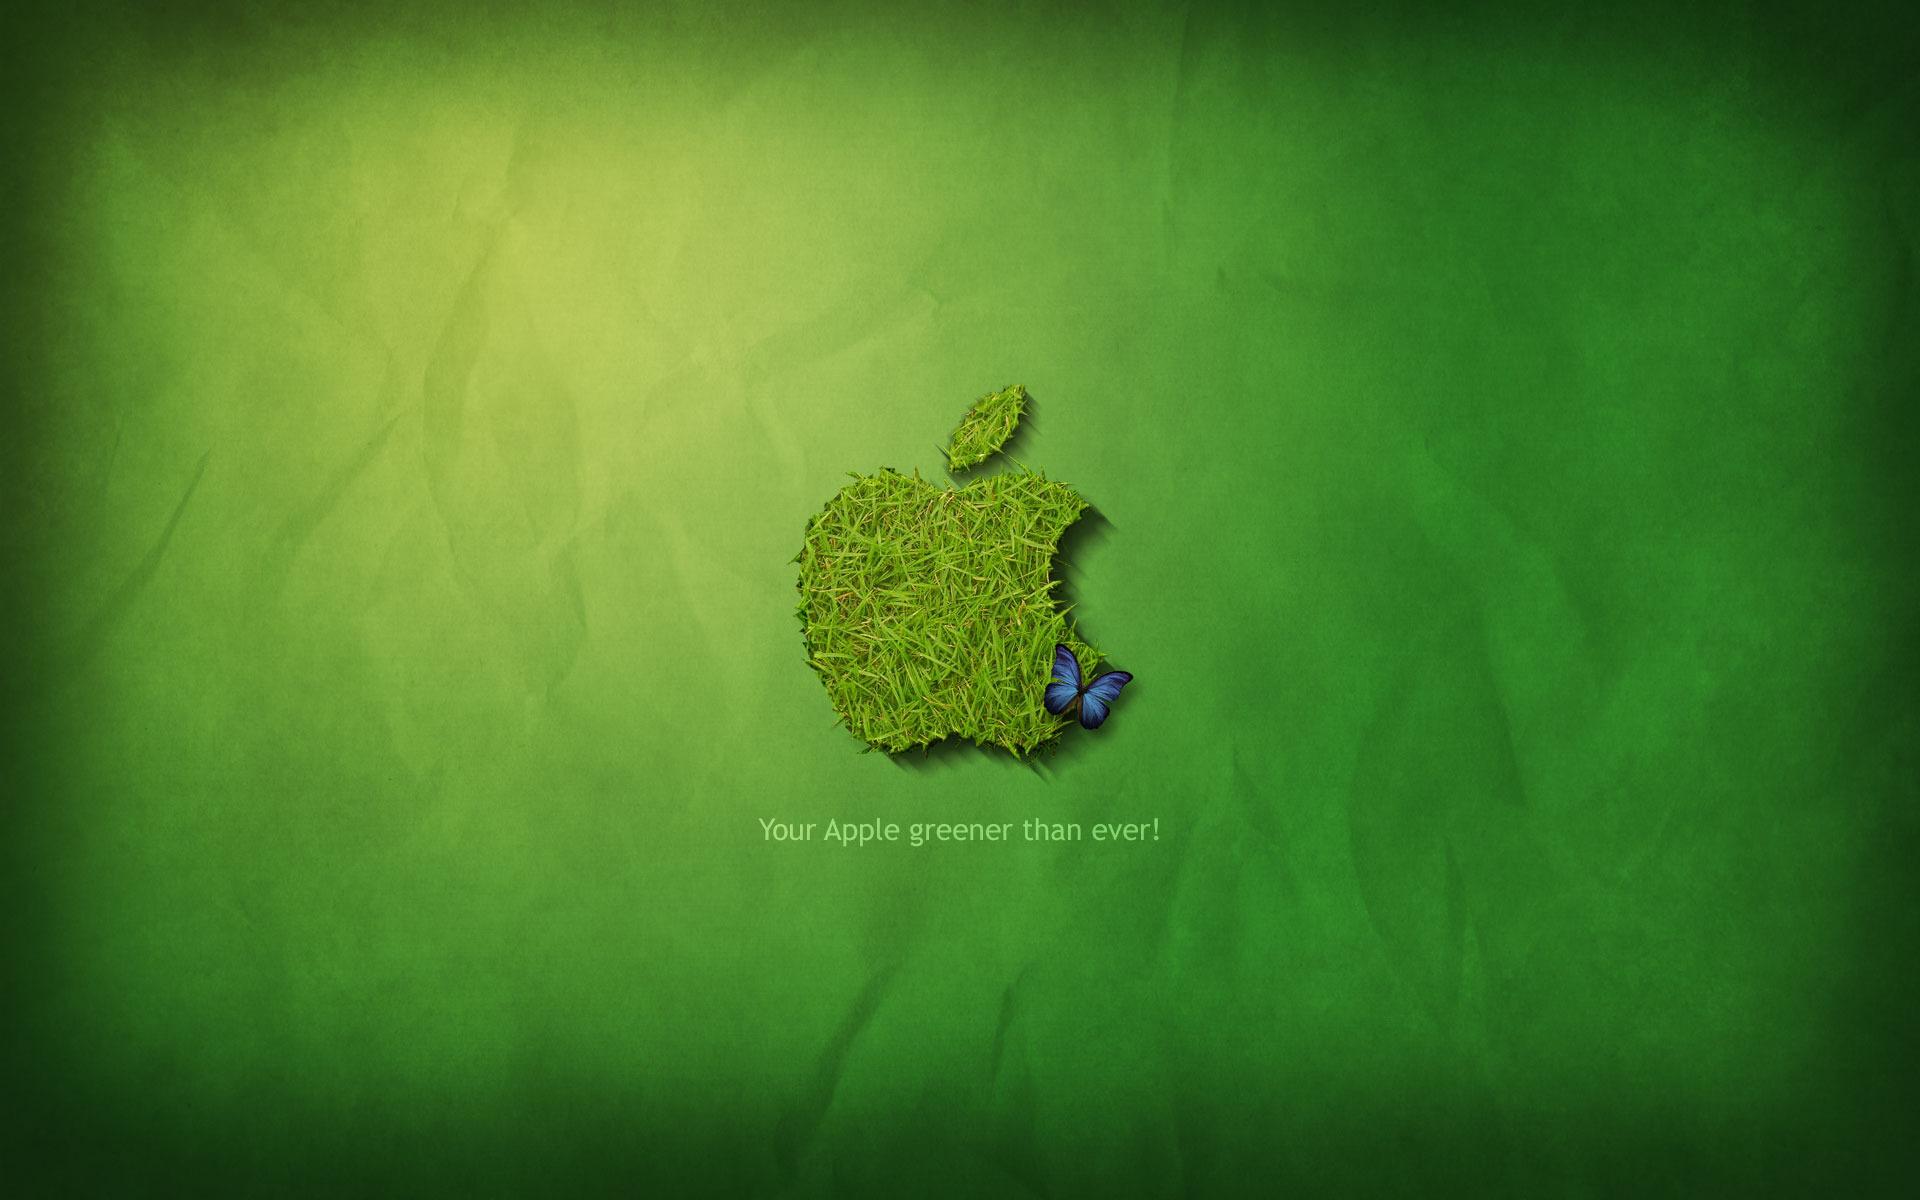 Grass Apple logo wallpaper 16073 1920x1200